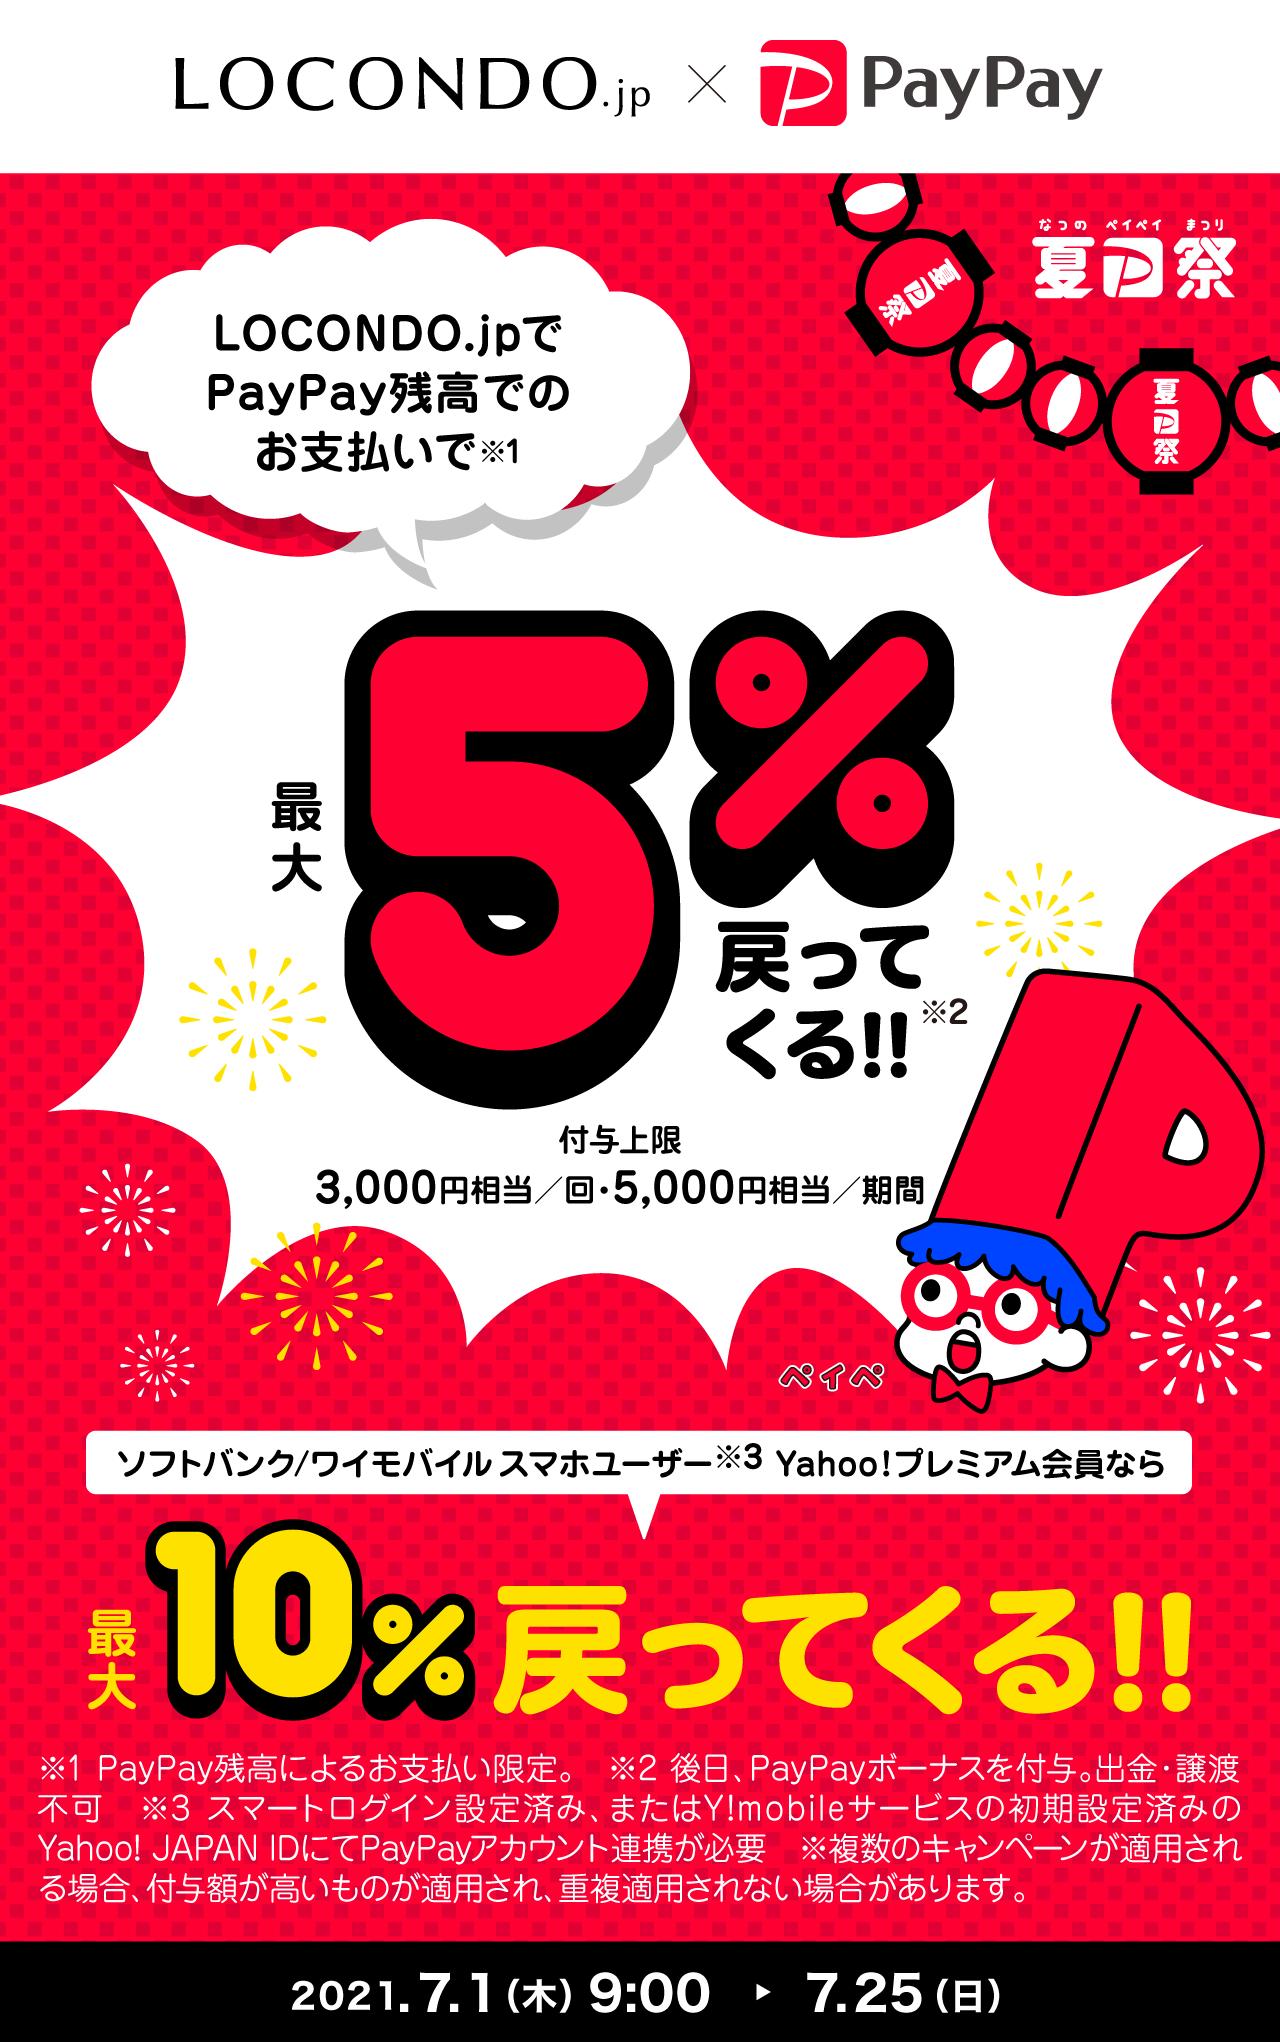 LOCONDO.jpでPayPay残高でのお支払いで 最大5%戻ってくる!!